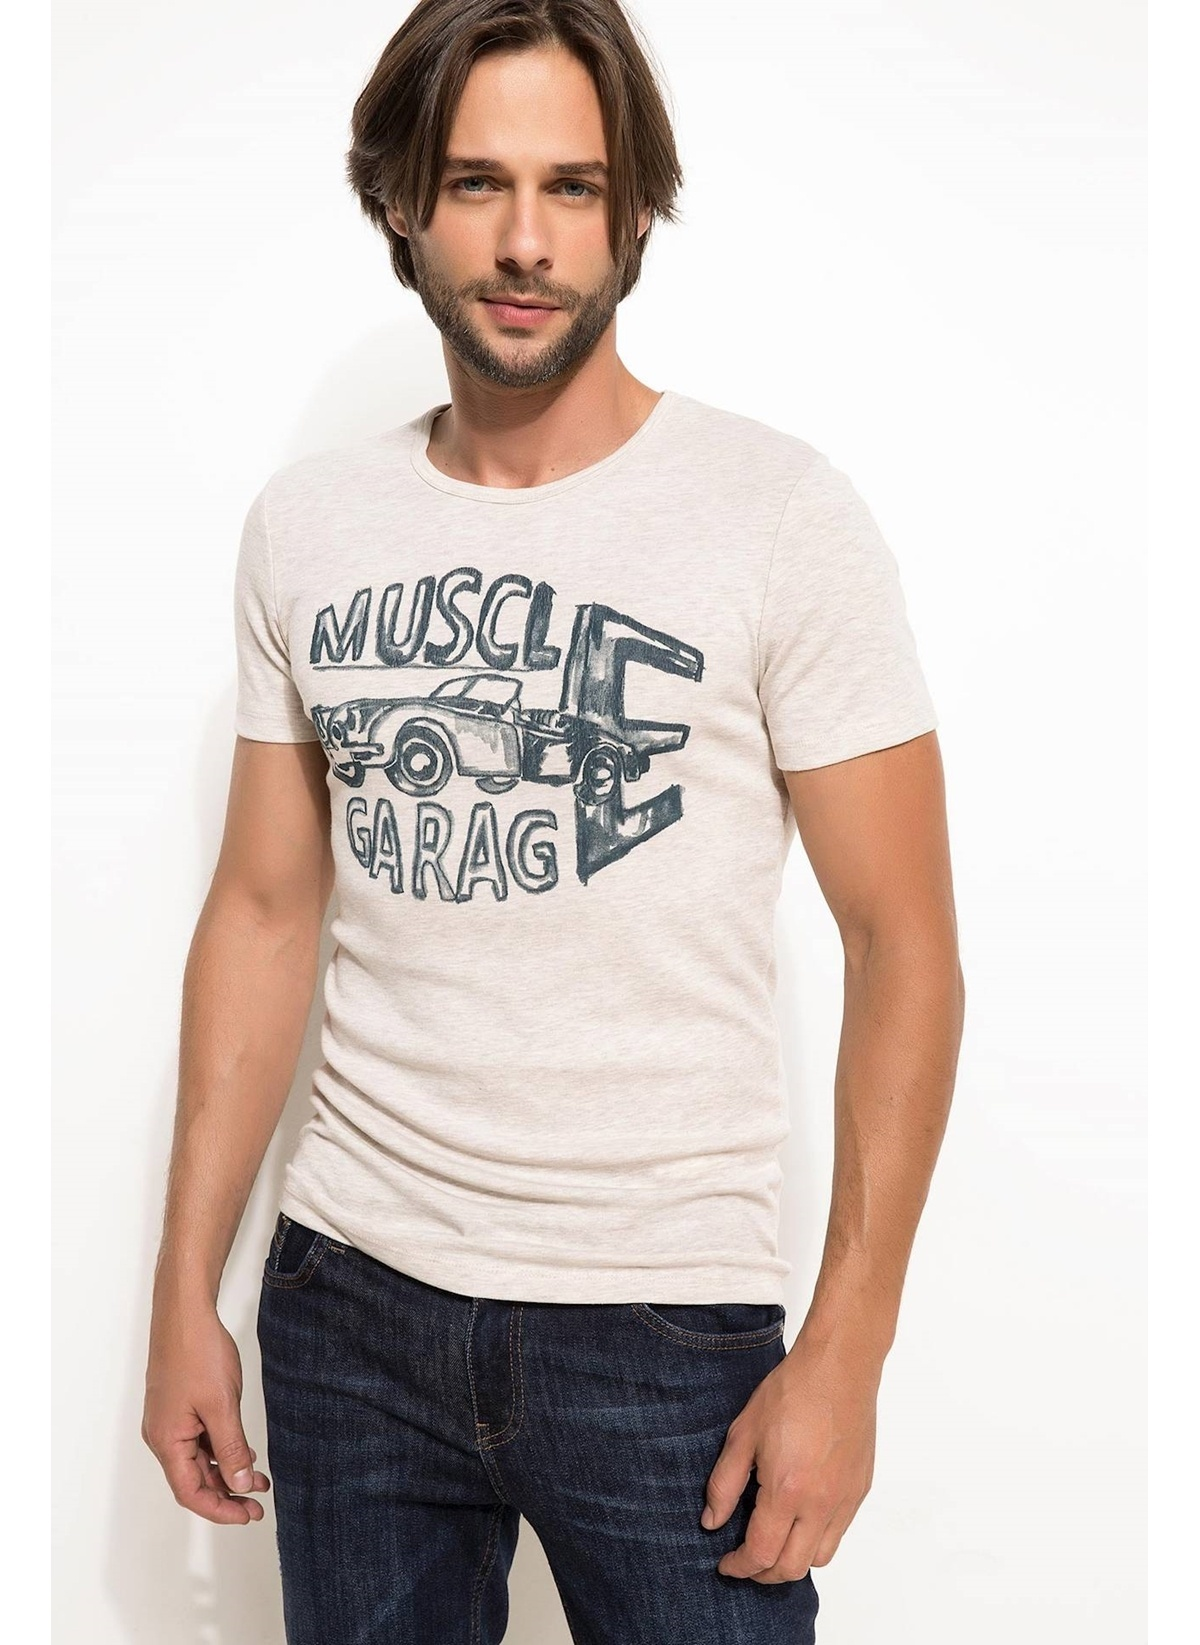 Defacto Tişört I1421az18smbg300t-shirt – 19.99 TL